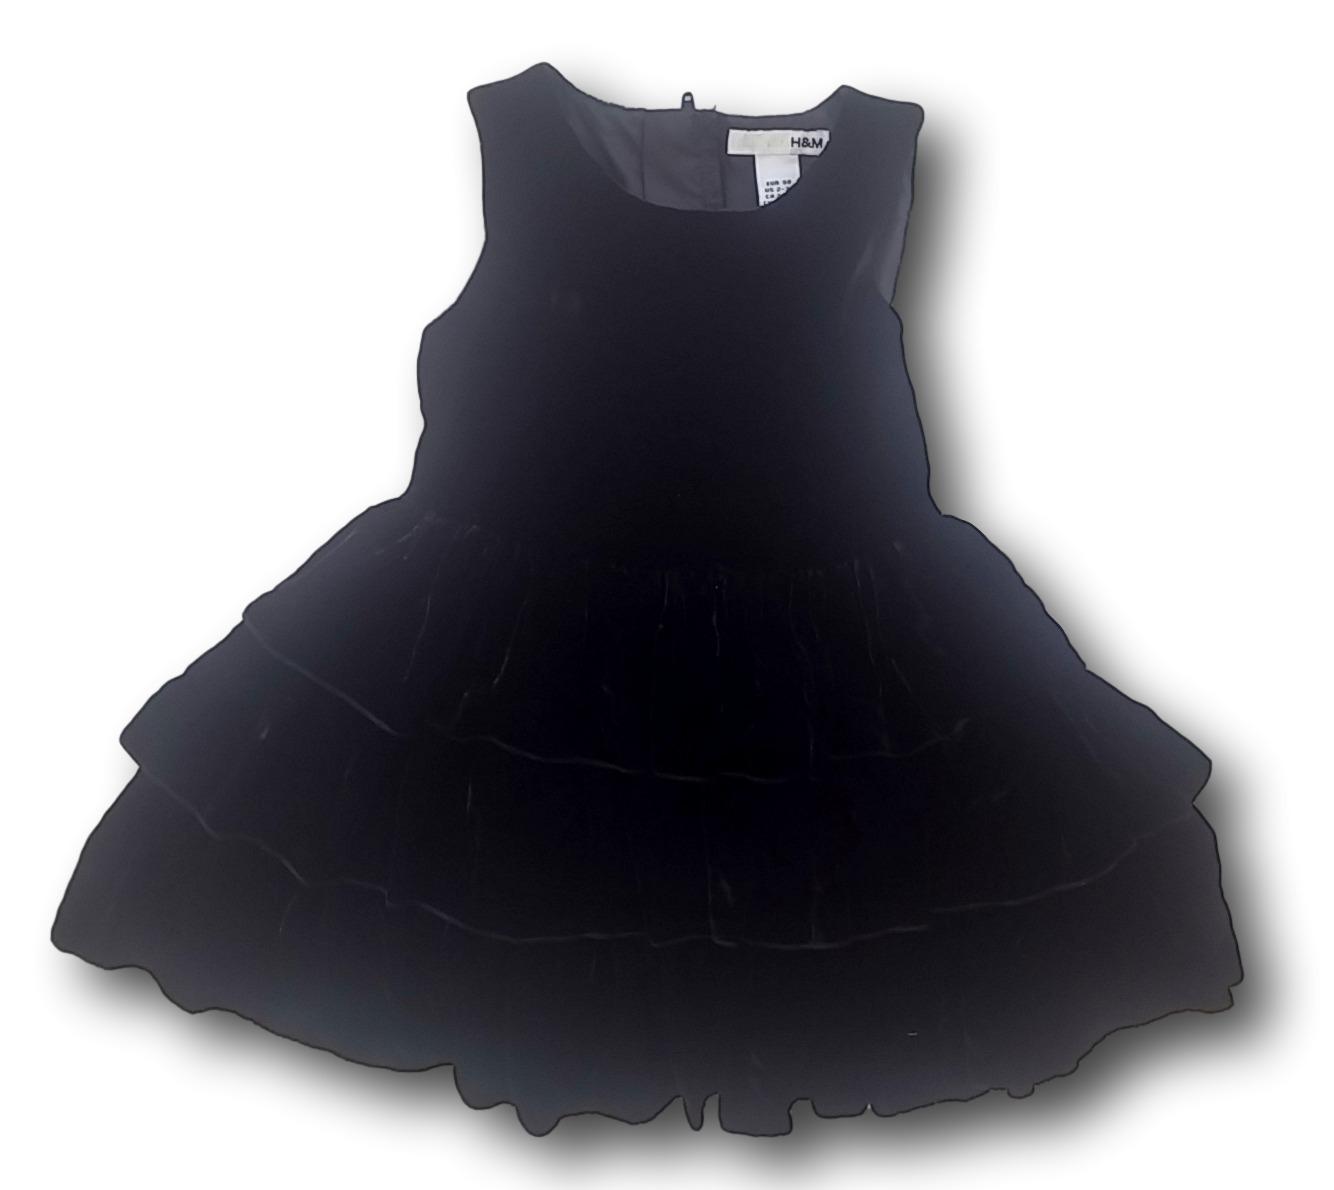 Šaty společenské černé sametové, H&M, vel. 98